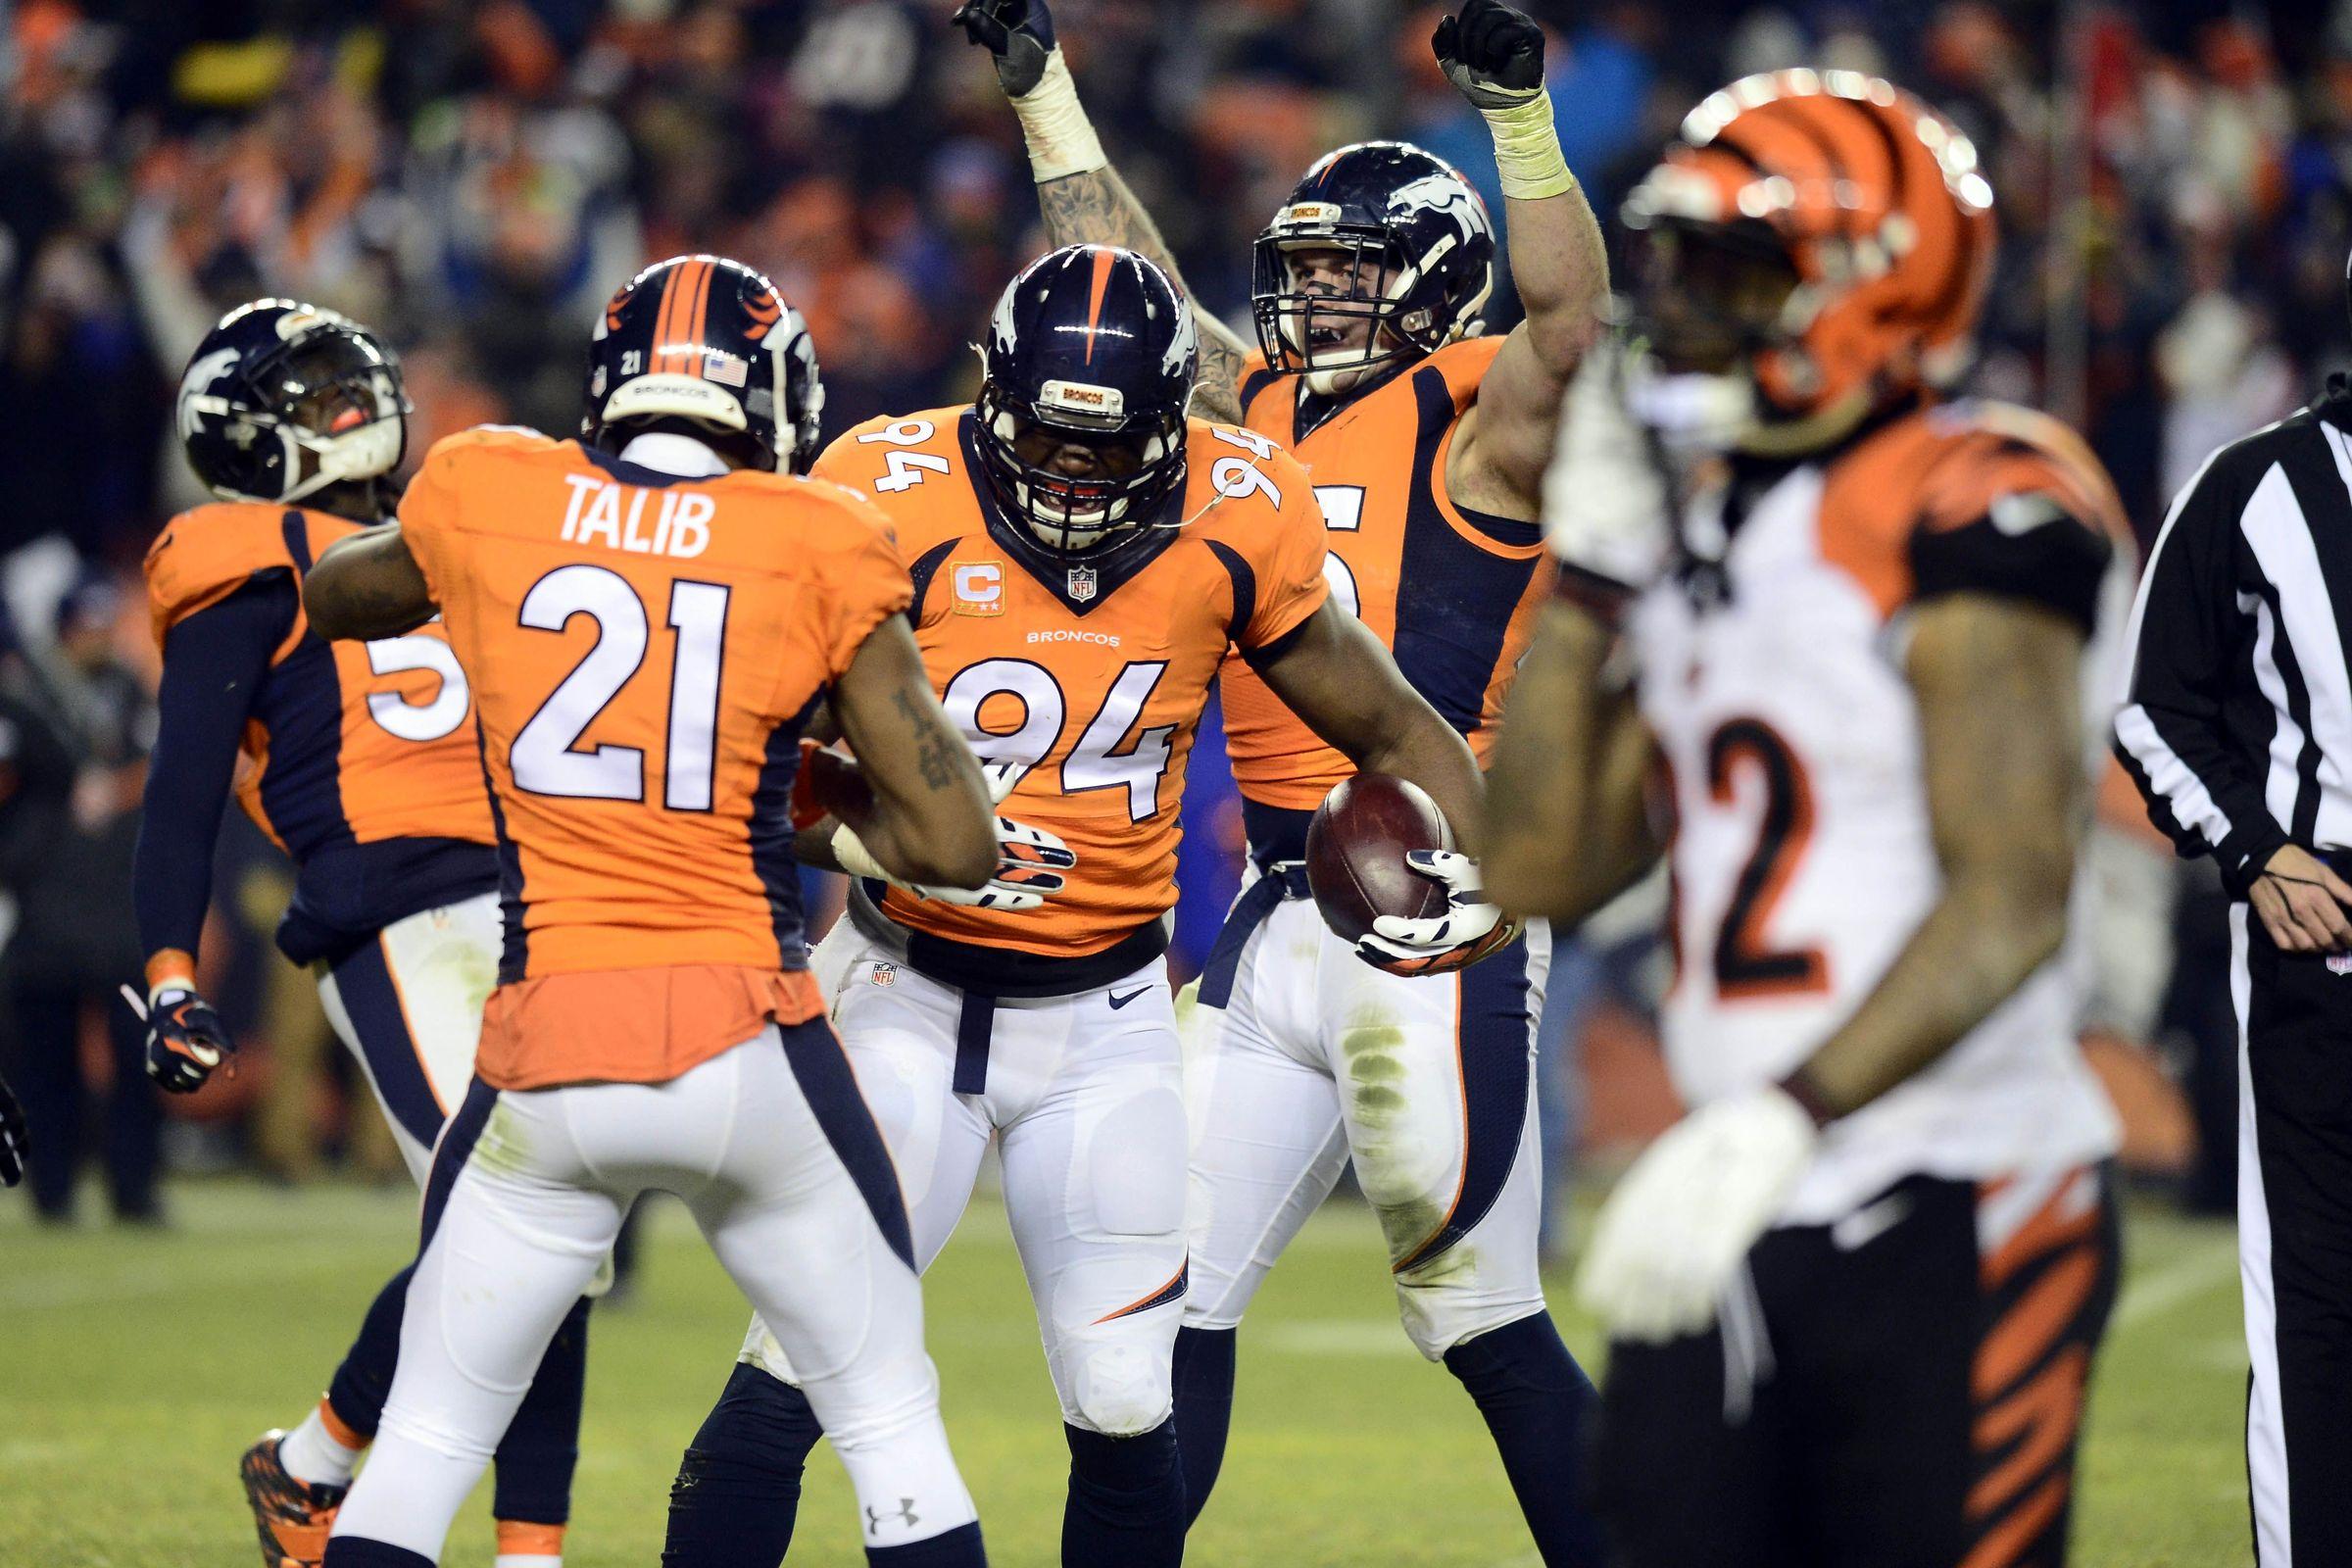 [NFL] Week 16: Denver ai playoff (Cincinnati Bengals vs Denver Broncos 17-20)